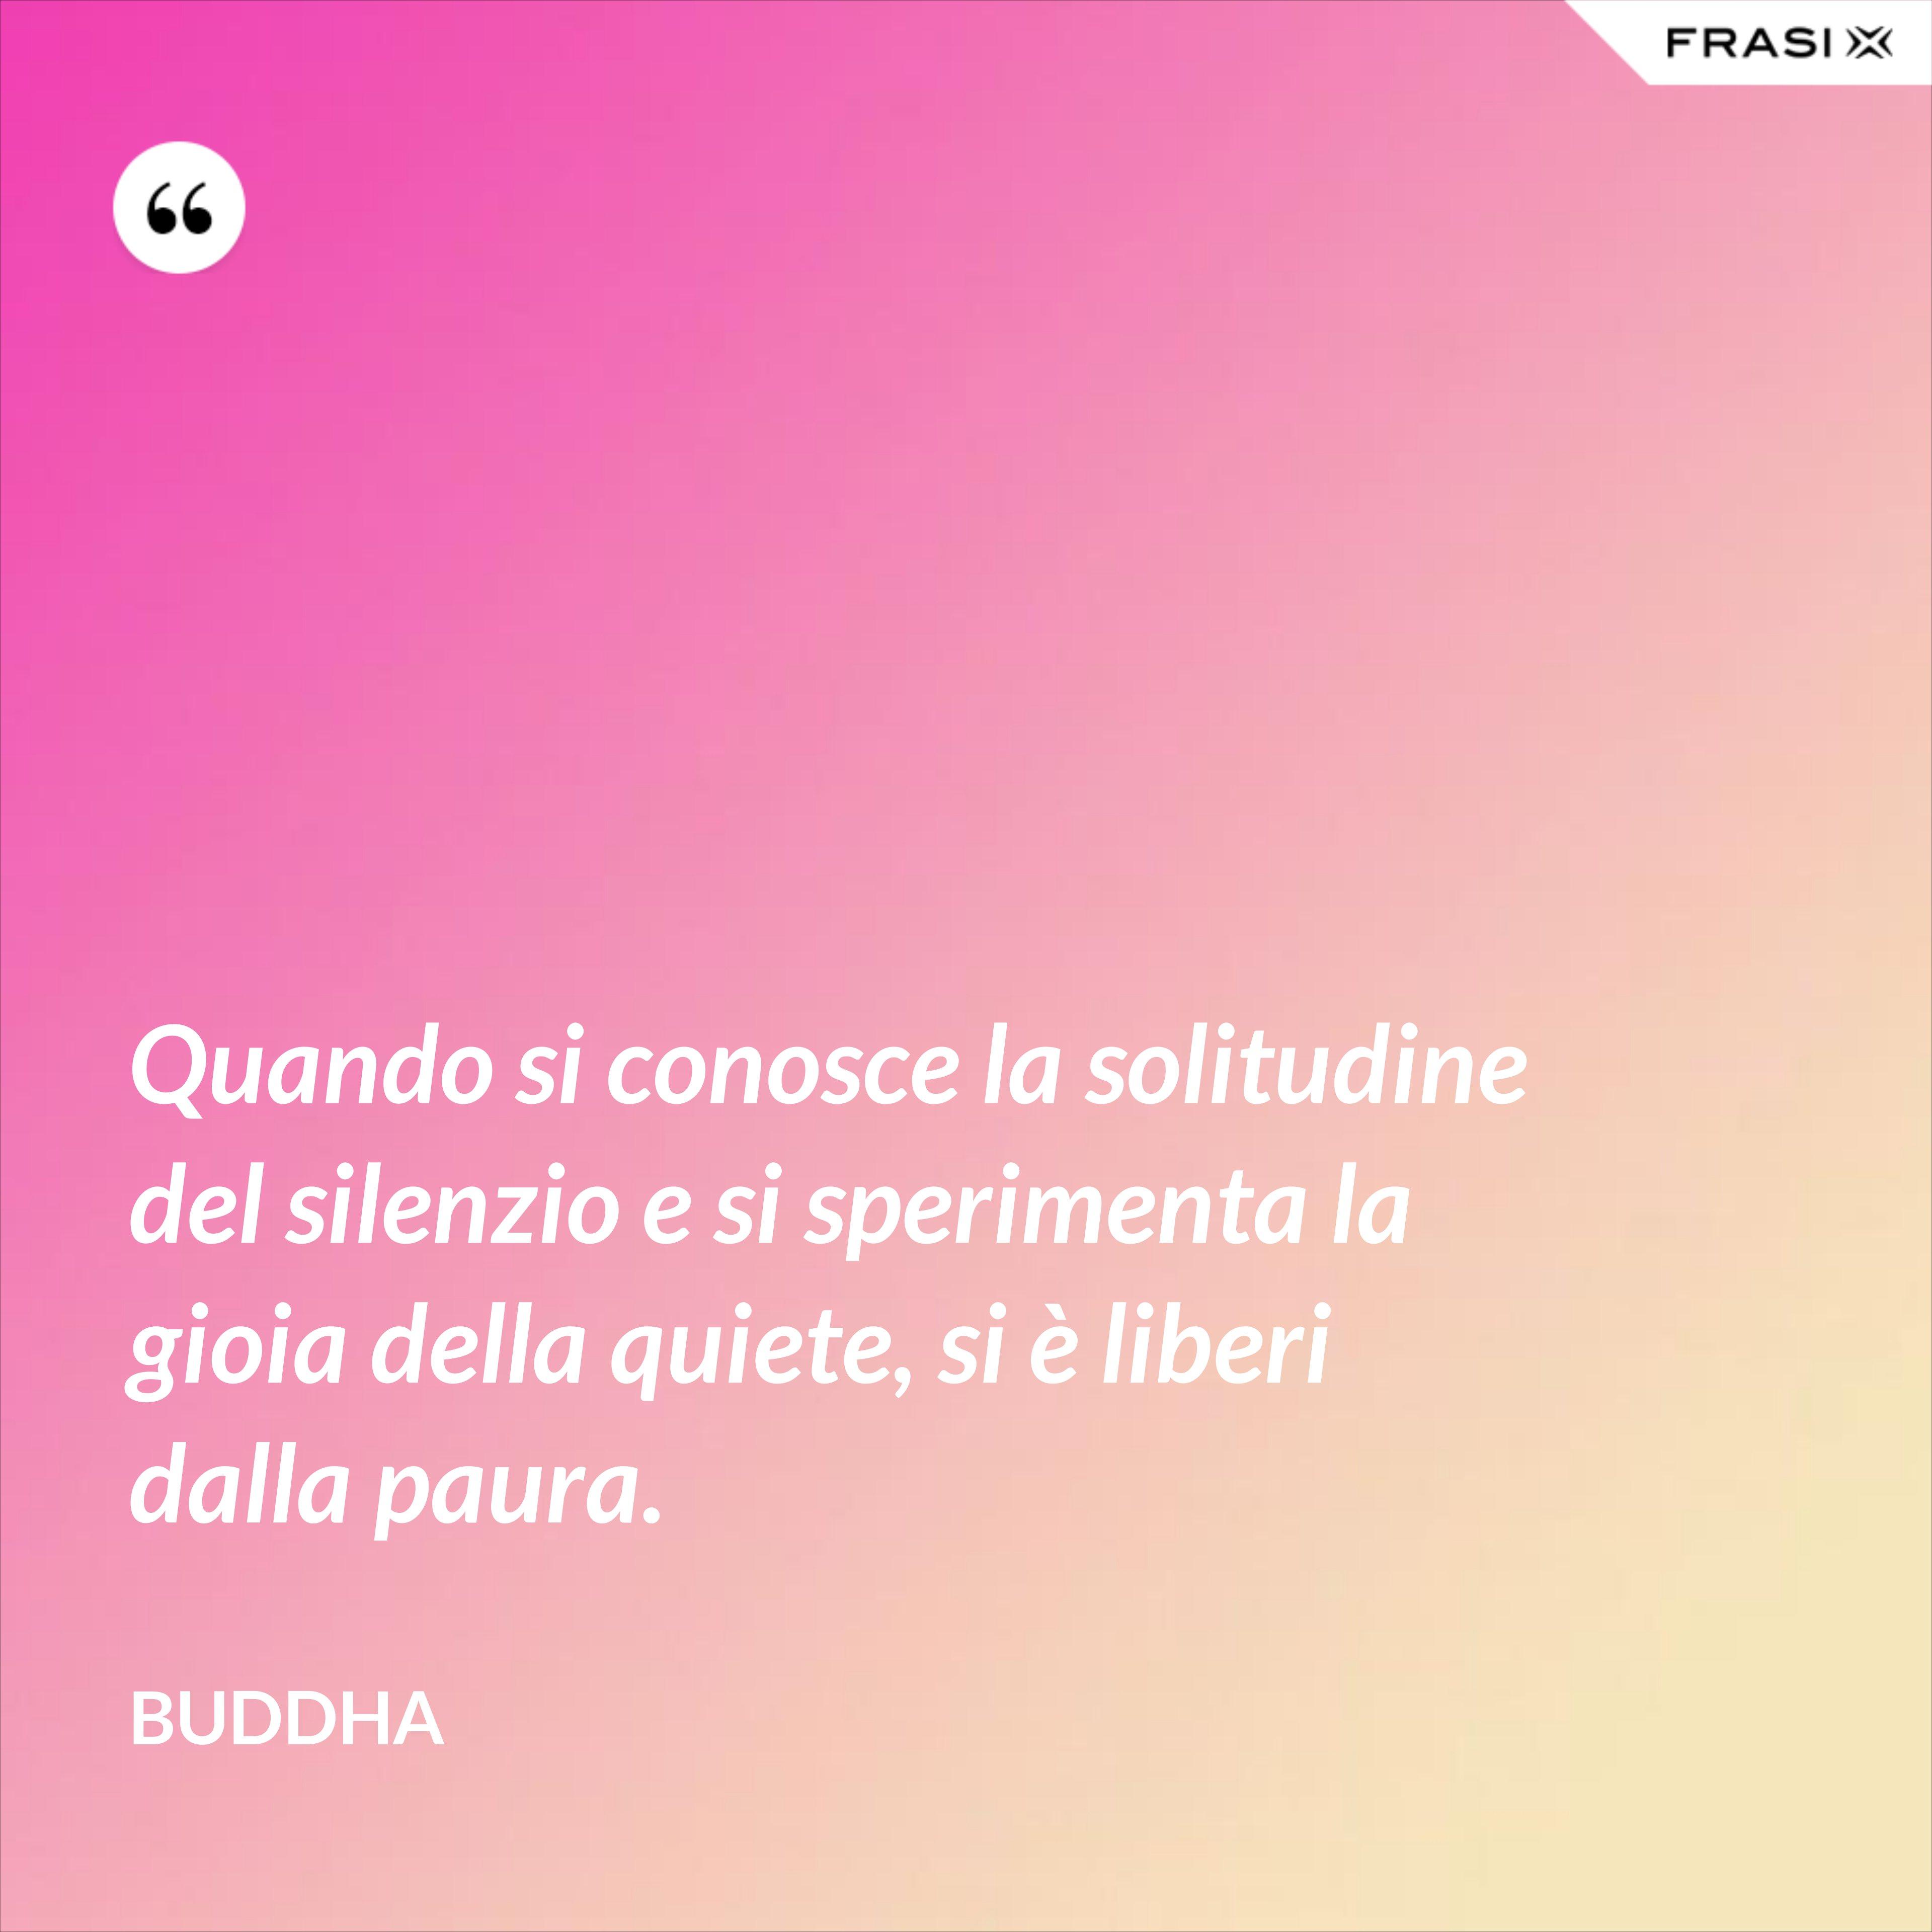 Quando si conosce la solitudine del silenzio e si sperimenta la gioia della quiete, si è liberi dalla paura. - Buddha